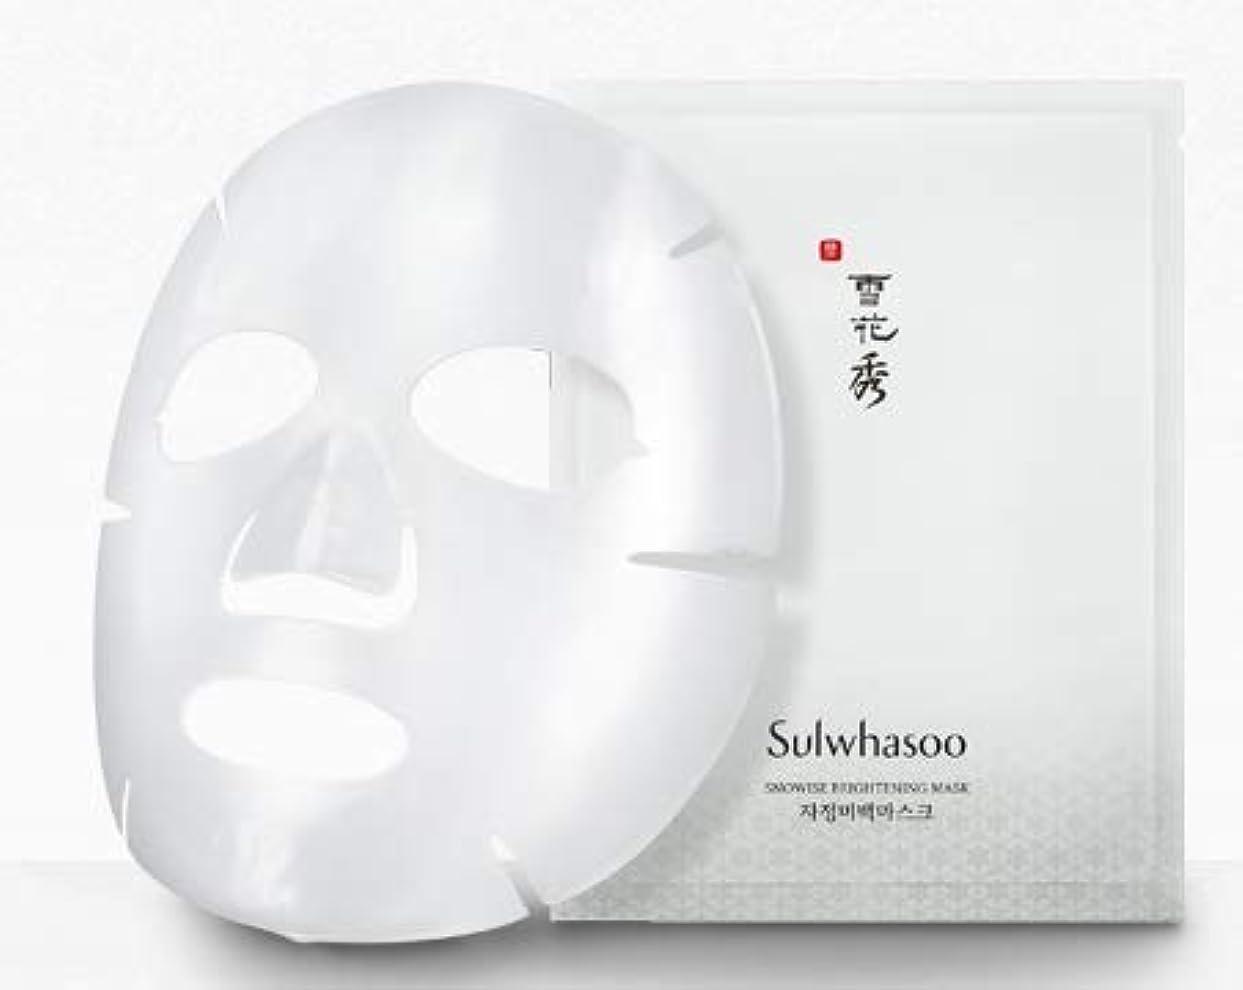 [(雪花秀) Sulwhasoo] [Snowise Brightening Mask 20g*5ea] [並行輸入品]